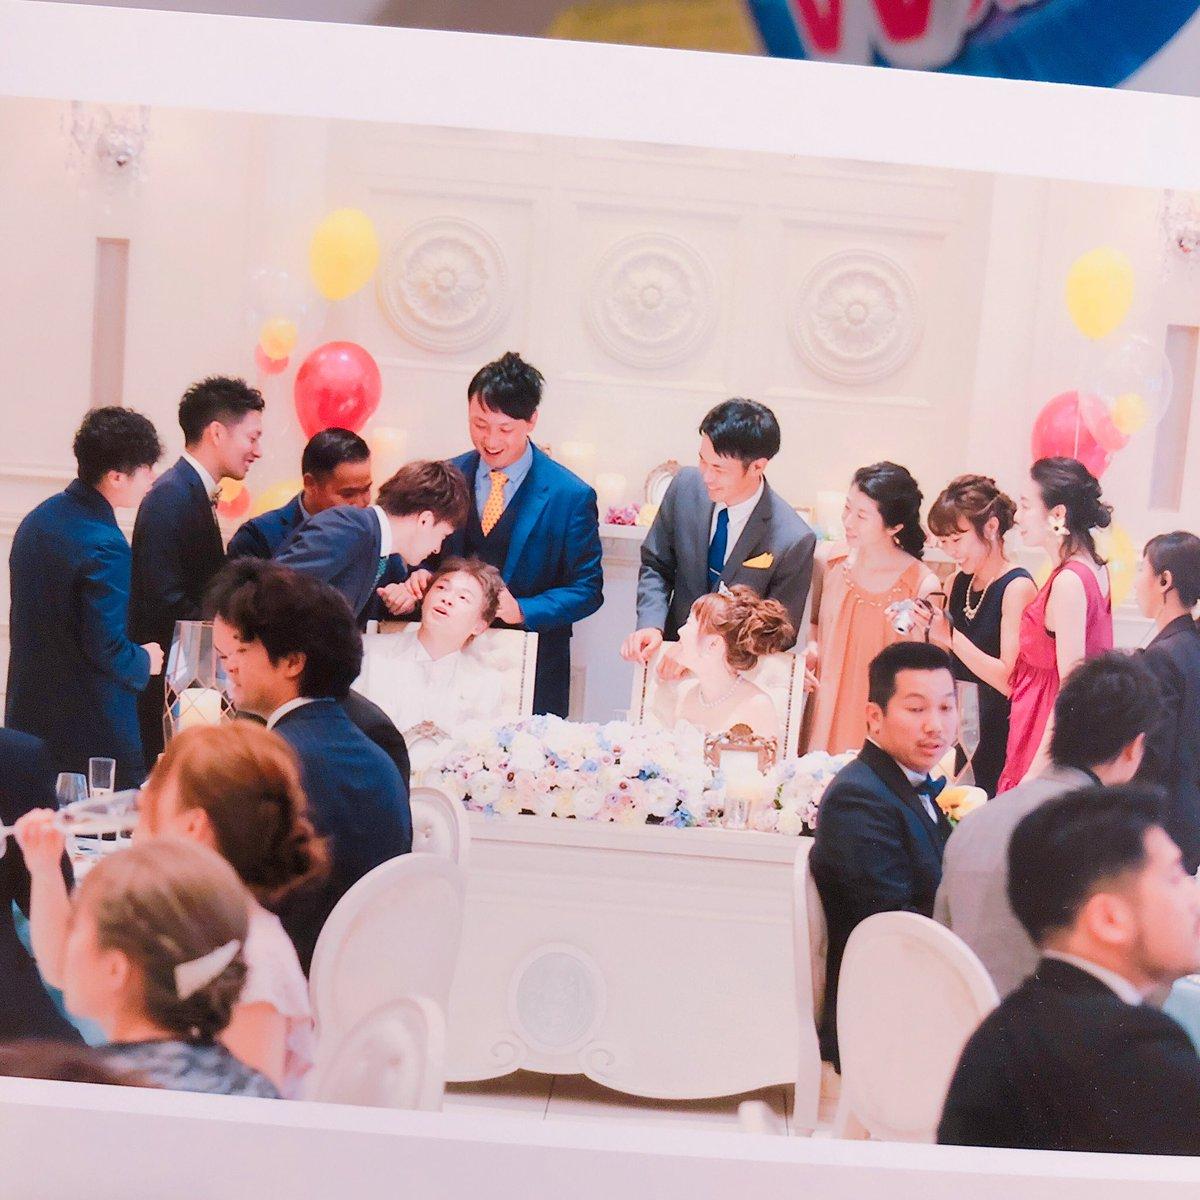 RT @ayachan0619: そういえば結婚式のフォトアルバムが届いたのーヽ(*´∀`)ノ♡♡ めっっっちゃいい。  (インスタと被らんチョイス) https://t.co/S0RbViYVkX